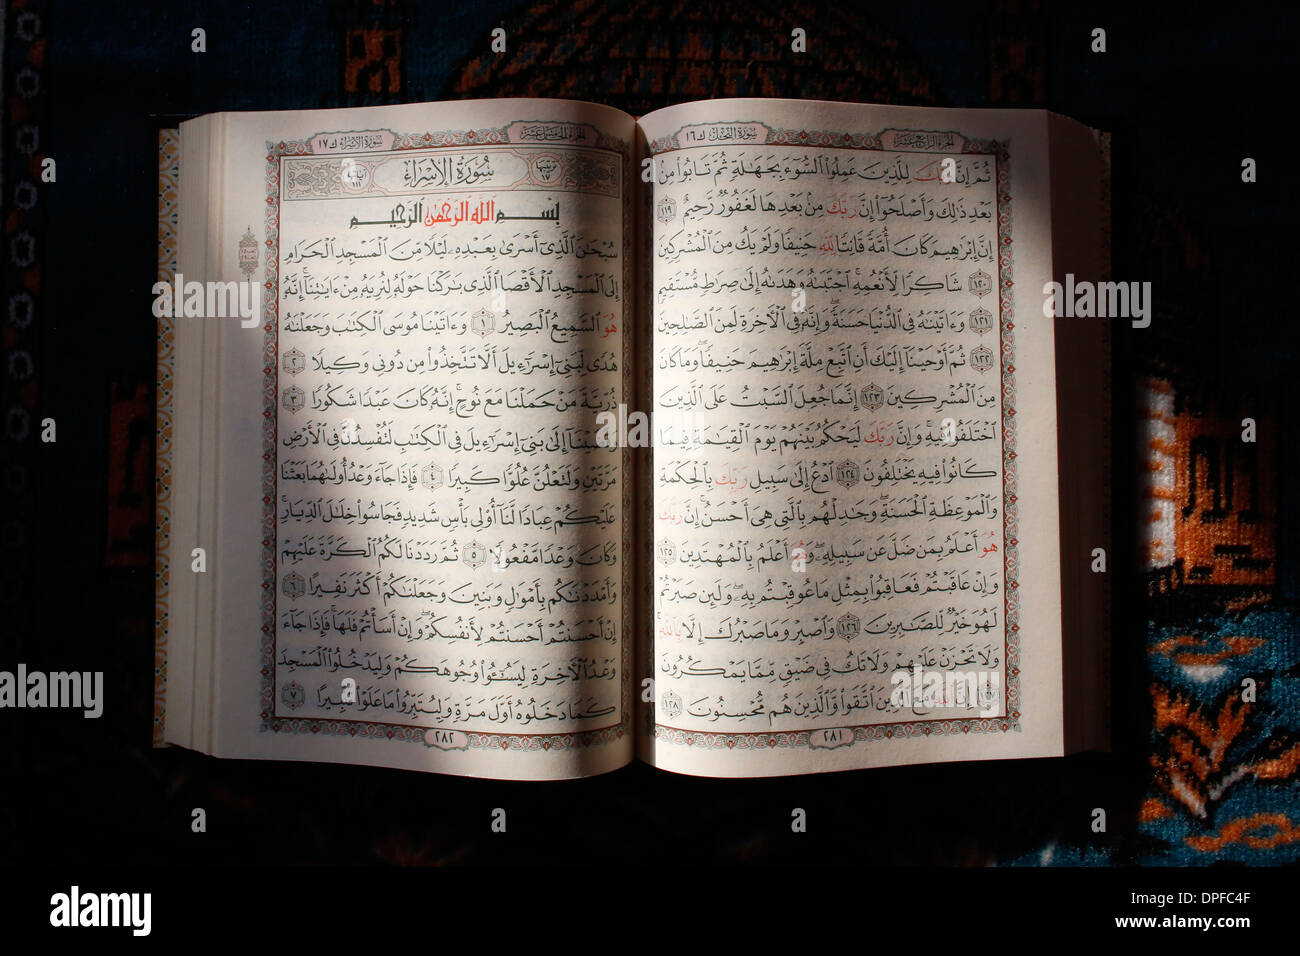 Koran, Paris, France, Europe - Stock Image